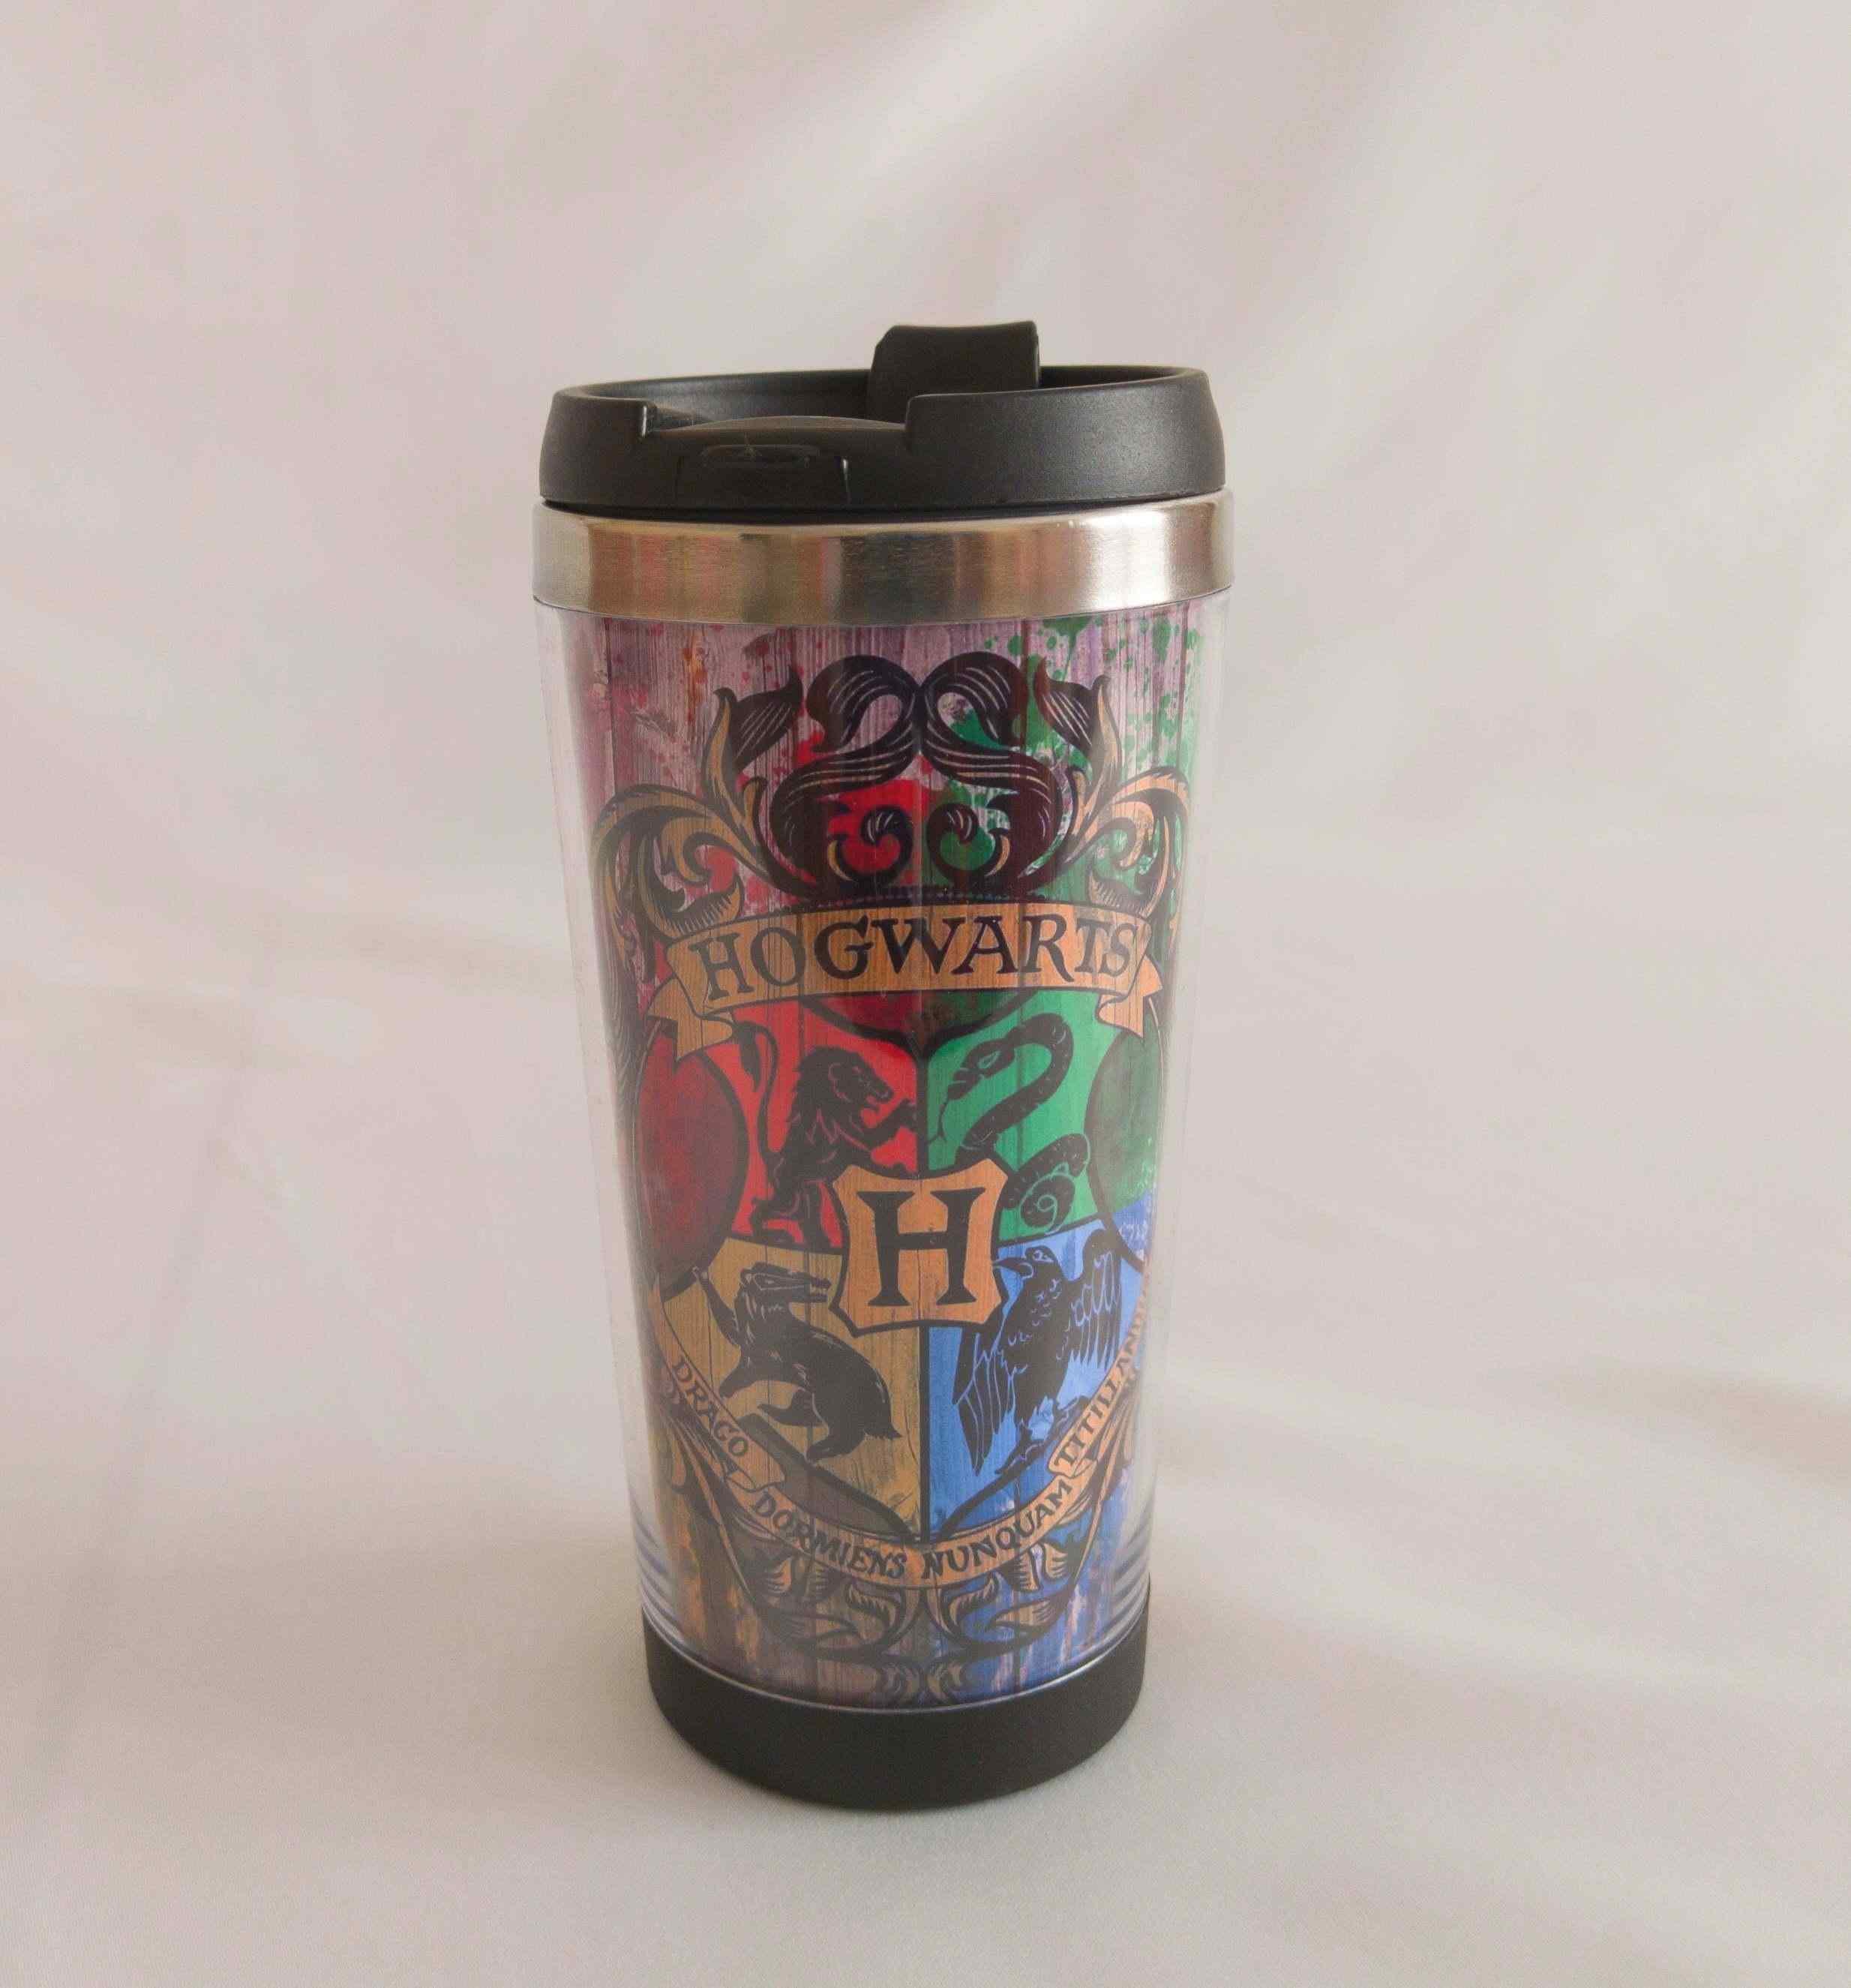 Harry Potter Çapulcu Haritası, Davet Mektubu Ve Çelik Termos Arkadaşa 3Lü Hediye Seti